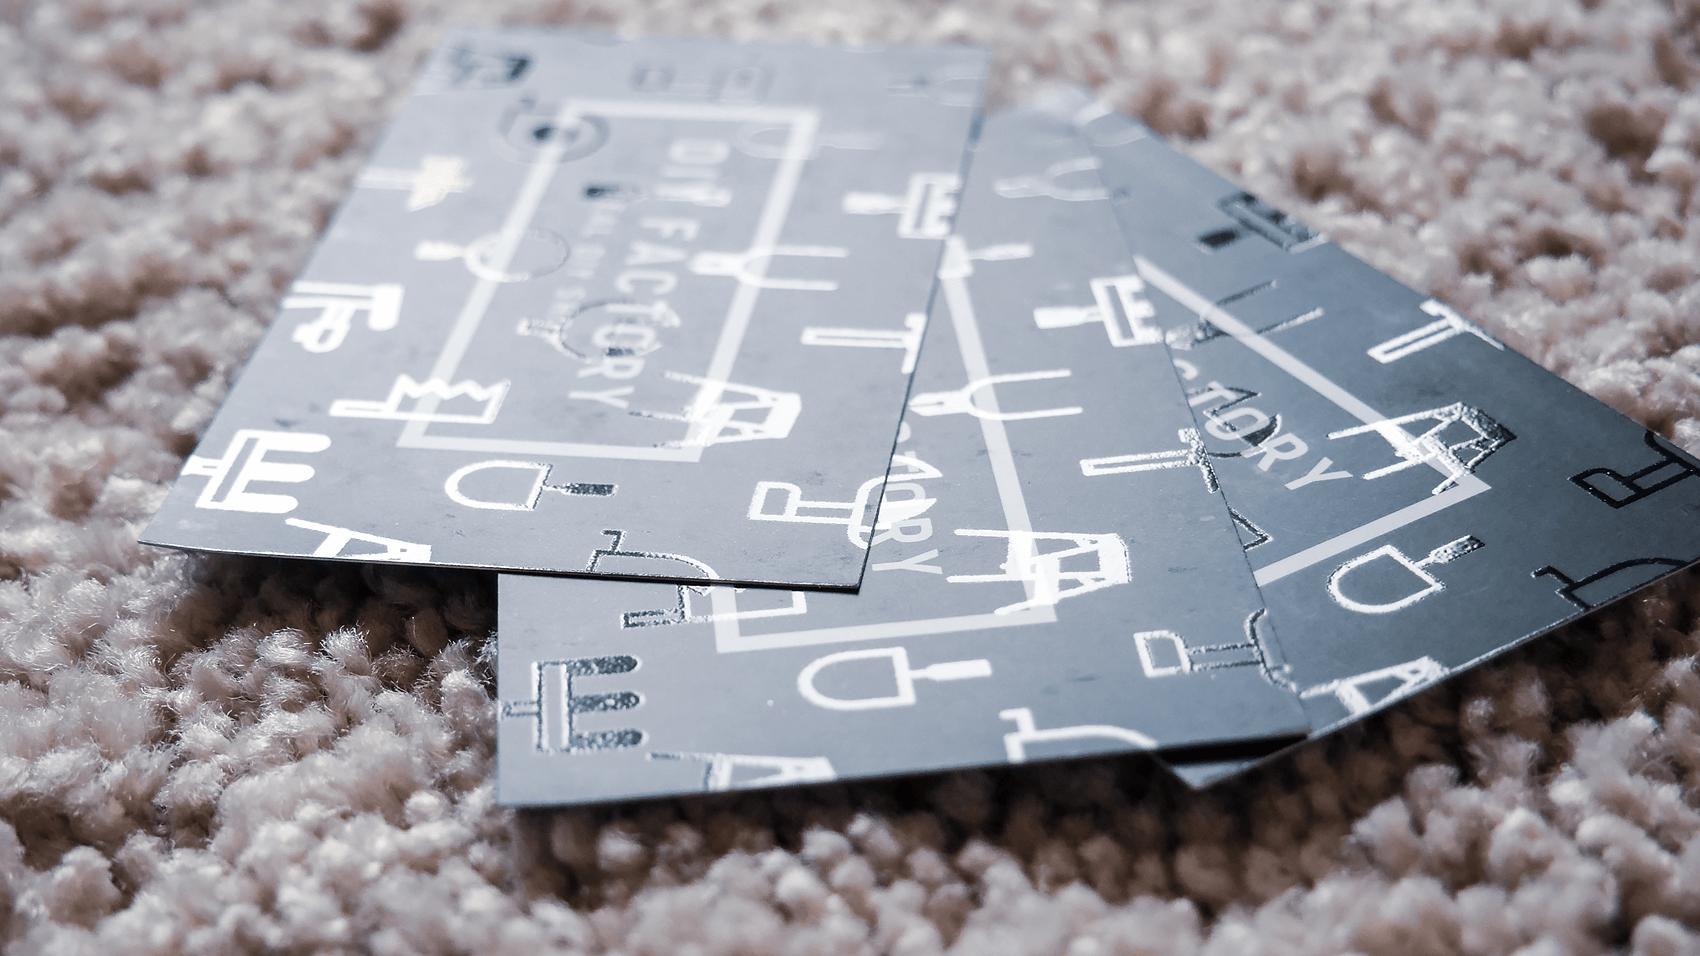 DIY FACTORYショップカード